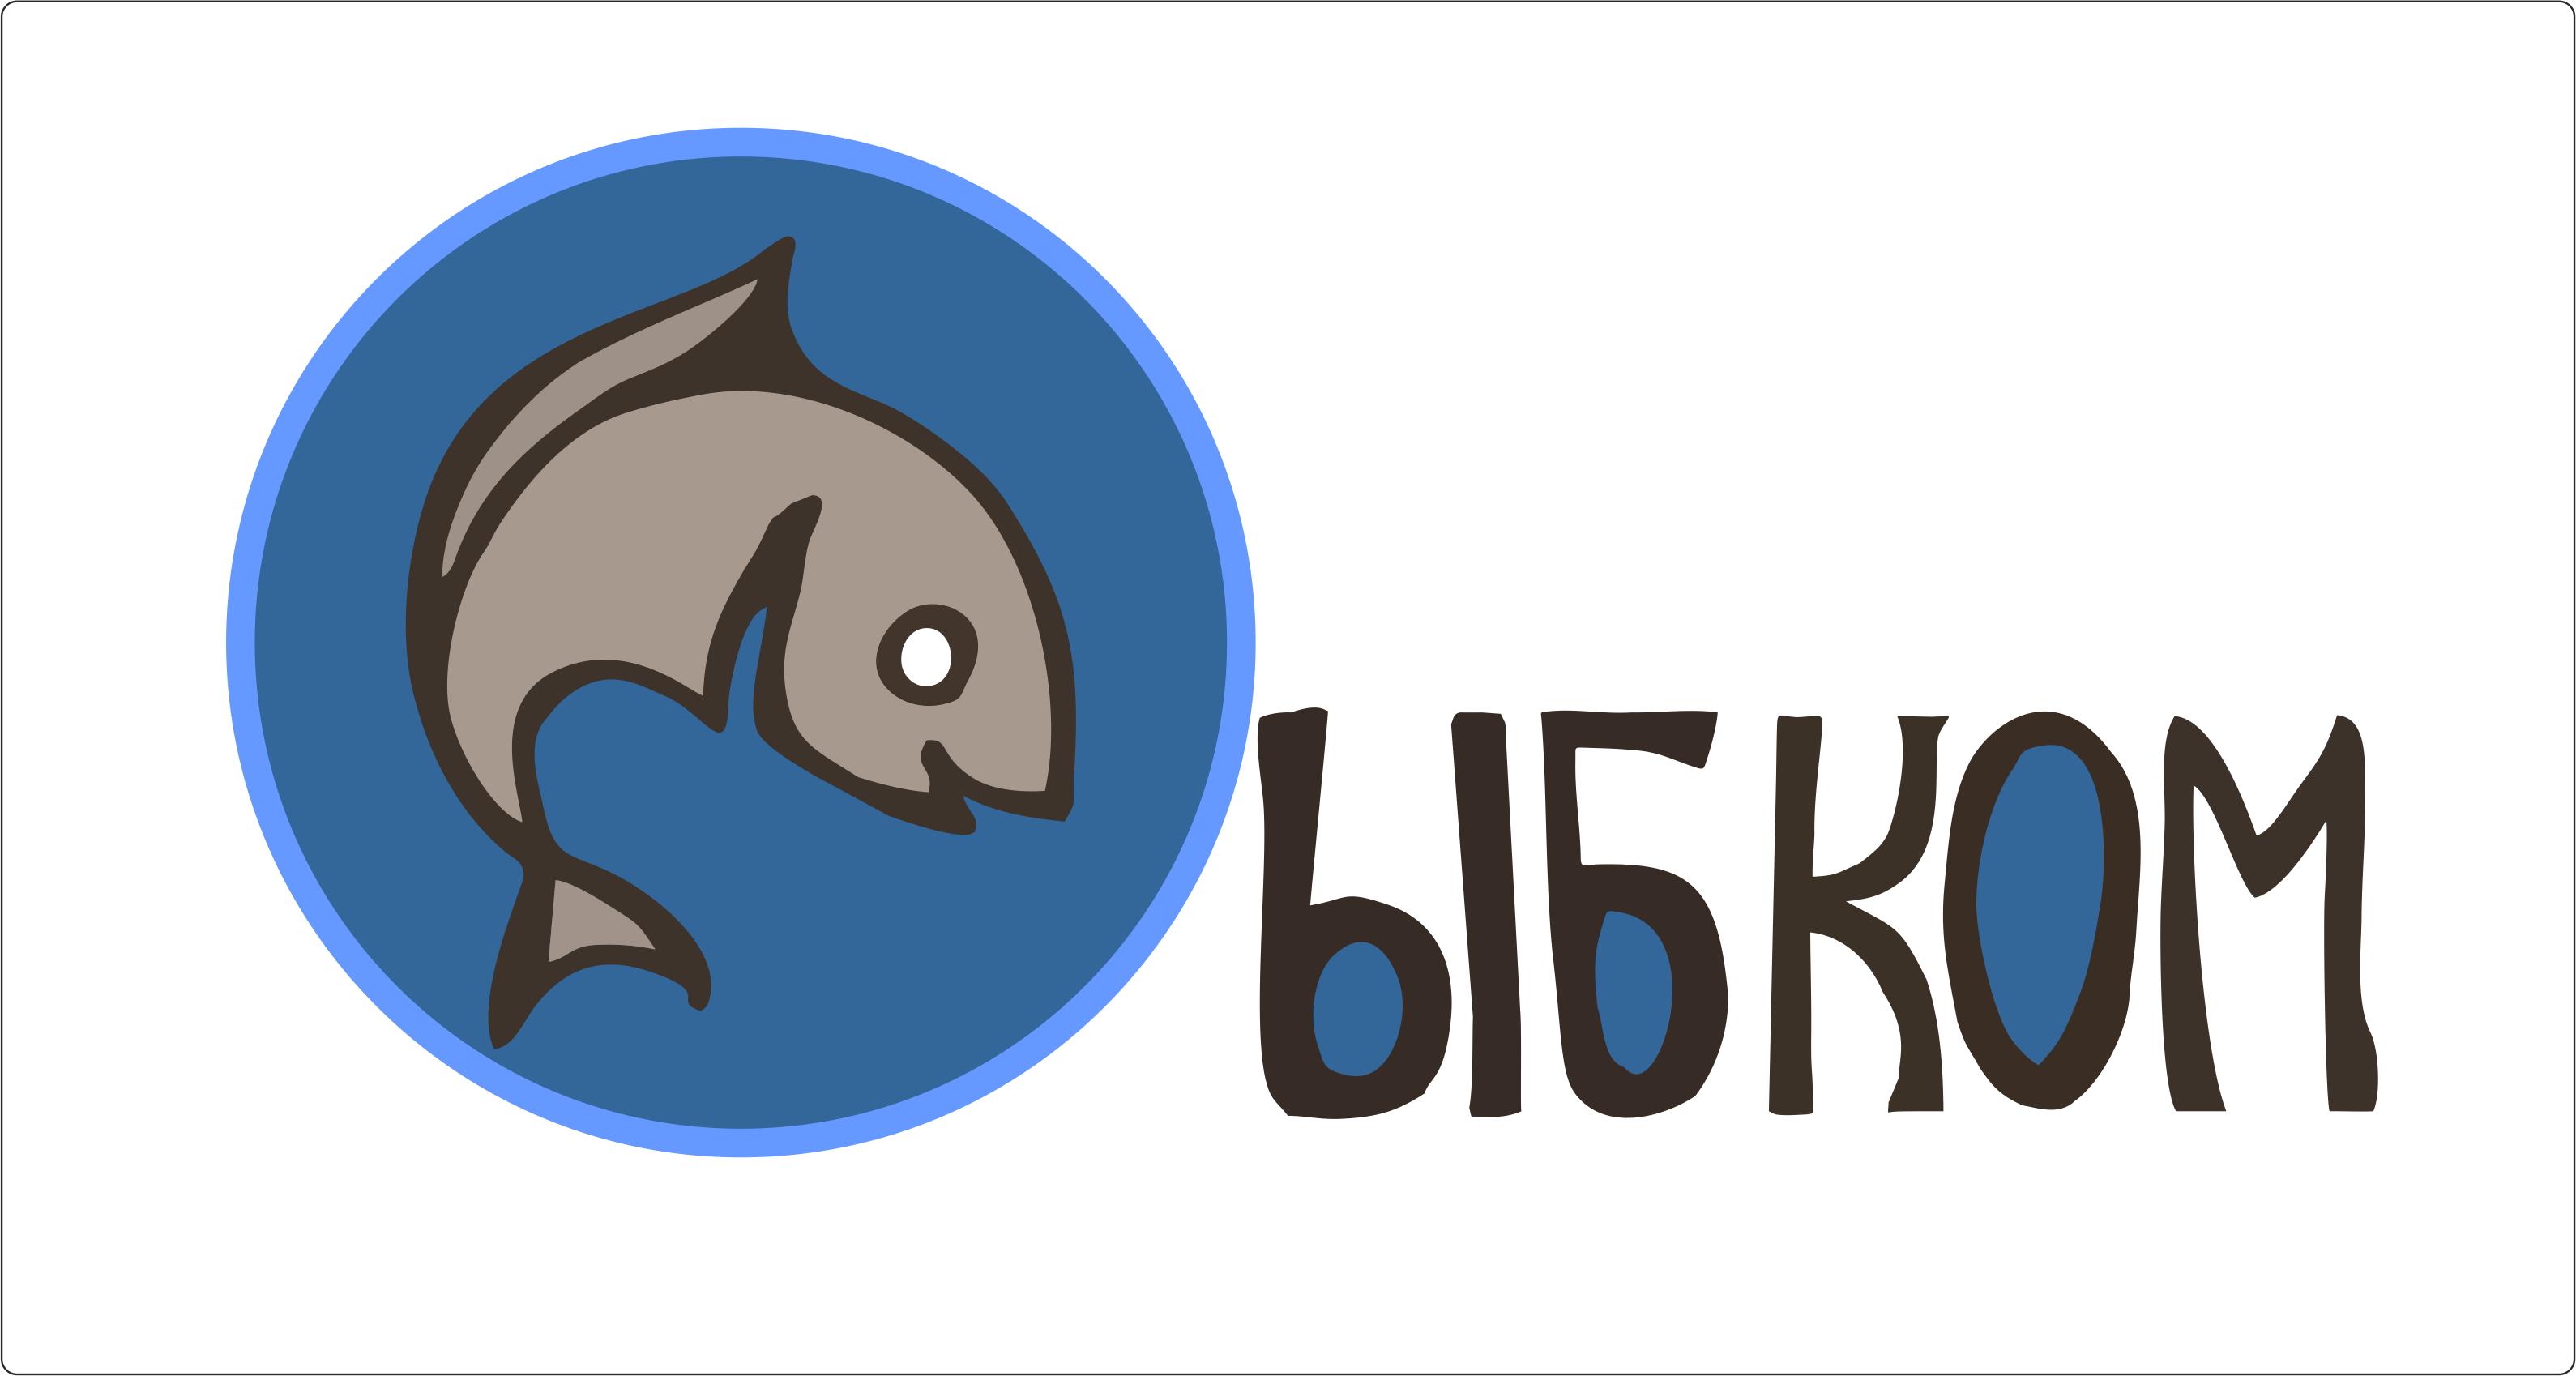 Создание логотипа и брэндбука для компании РЫБКОМ фото f_9285c11860c7ce0a.png